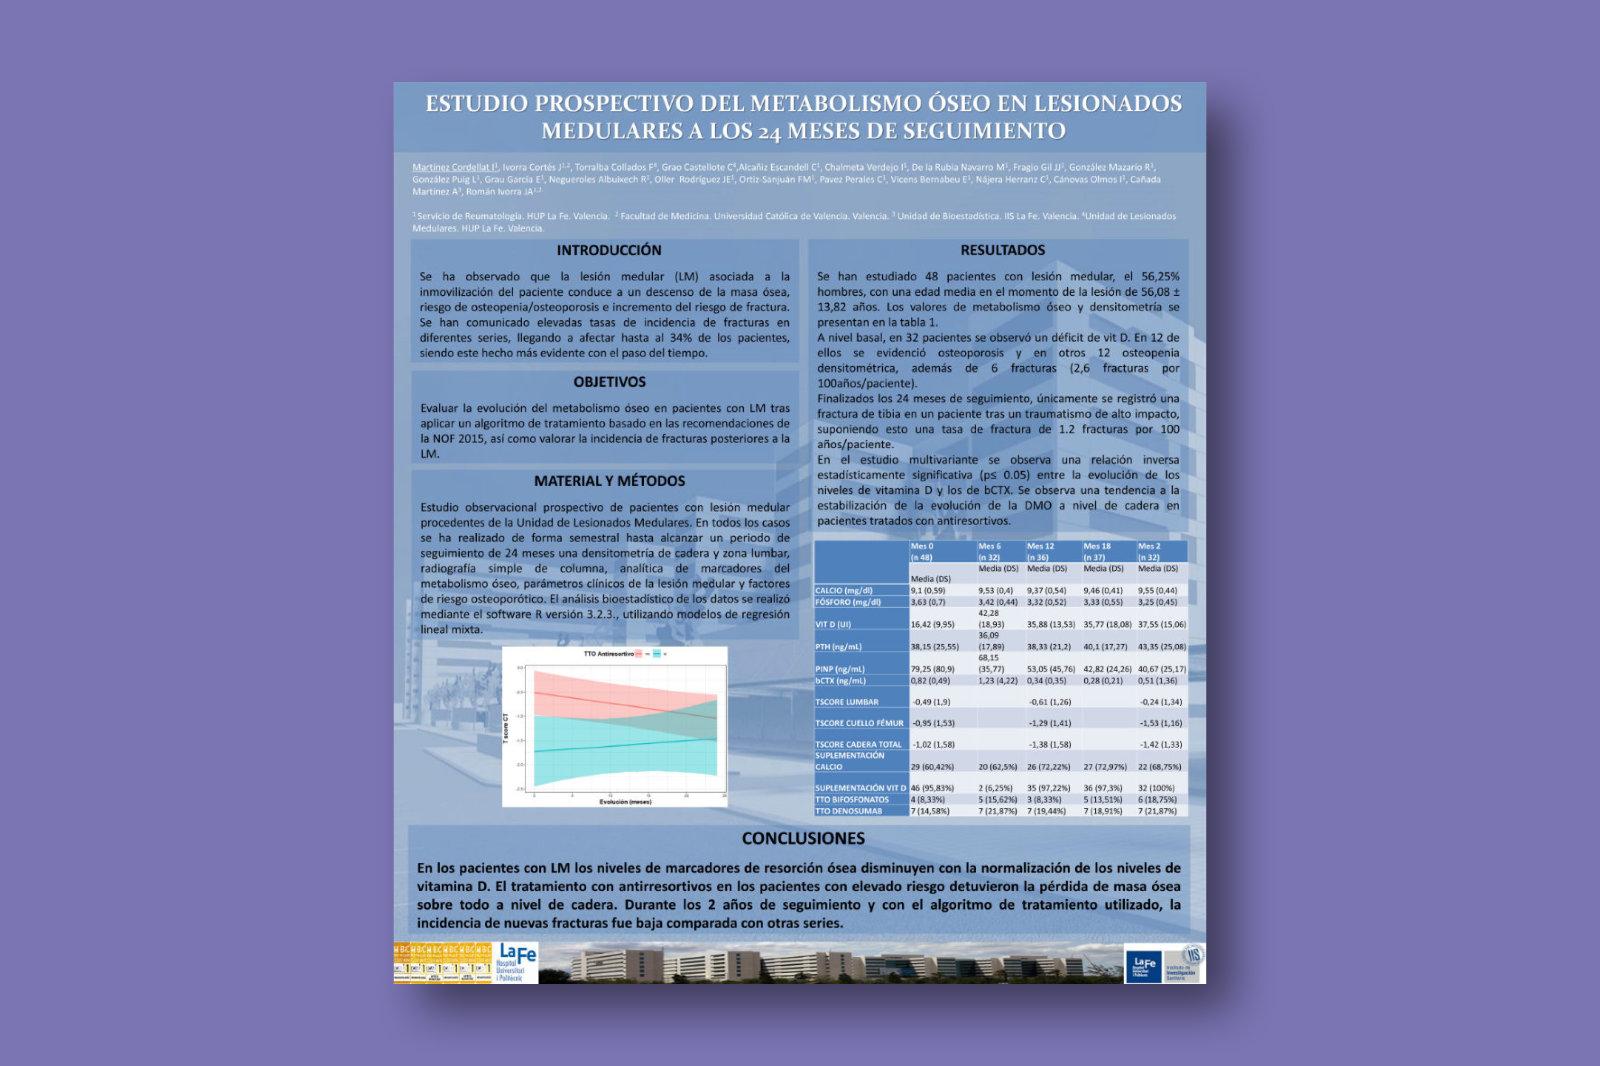 Estudio prospectivo del metabolismo óseo en lesionados medulares a los 24 meses de seguimiento